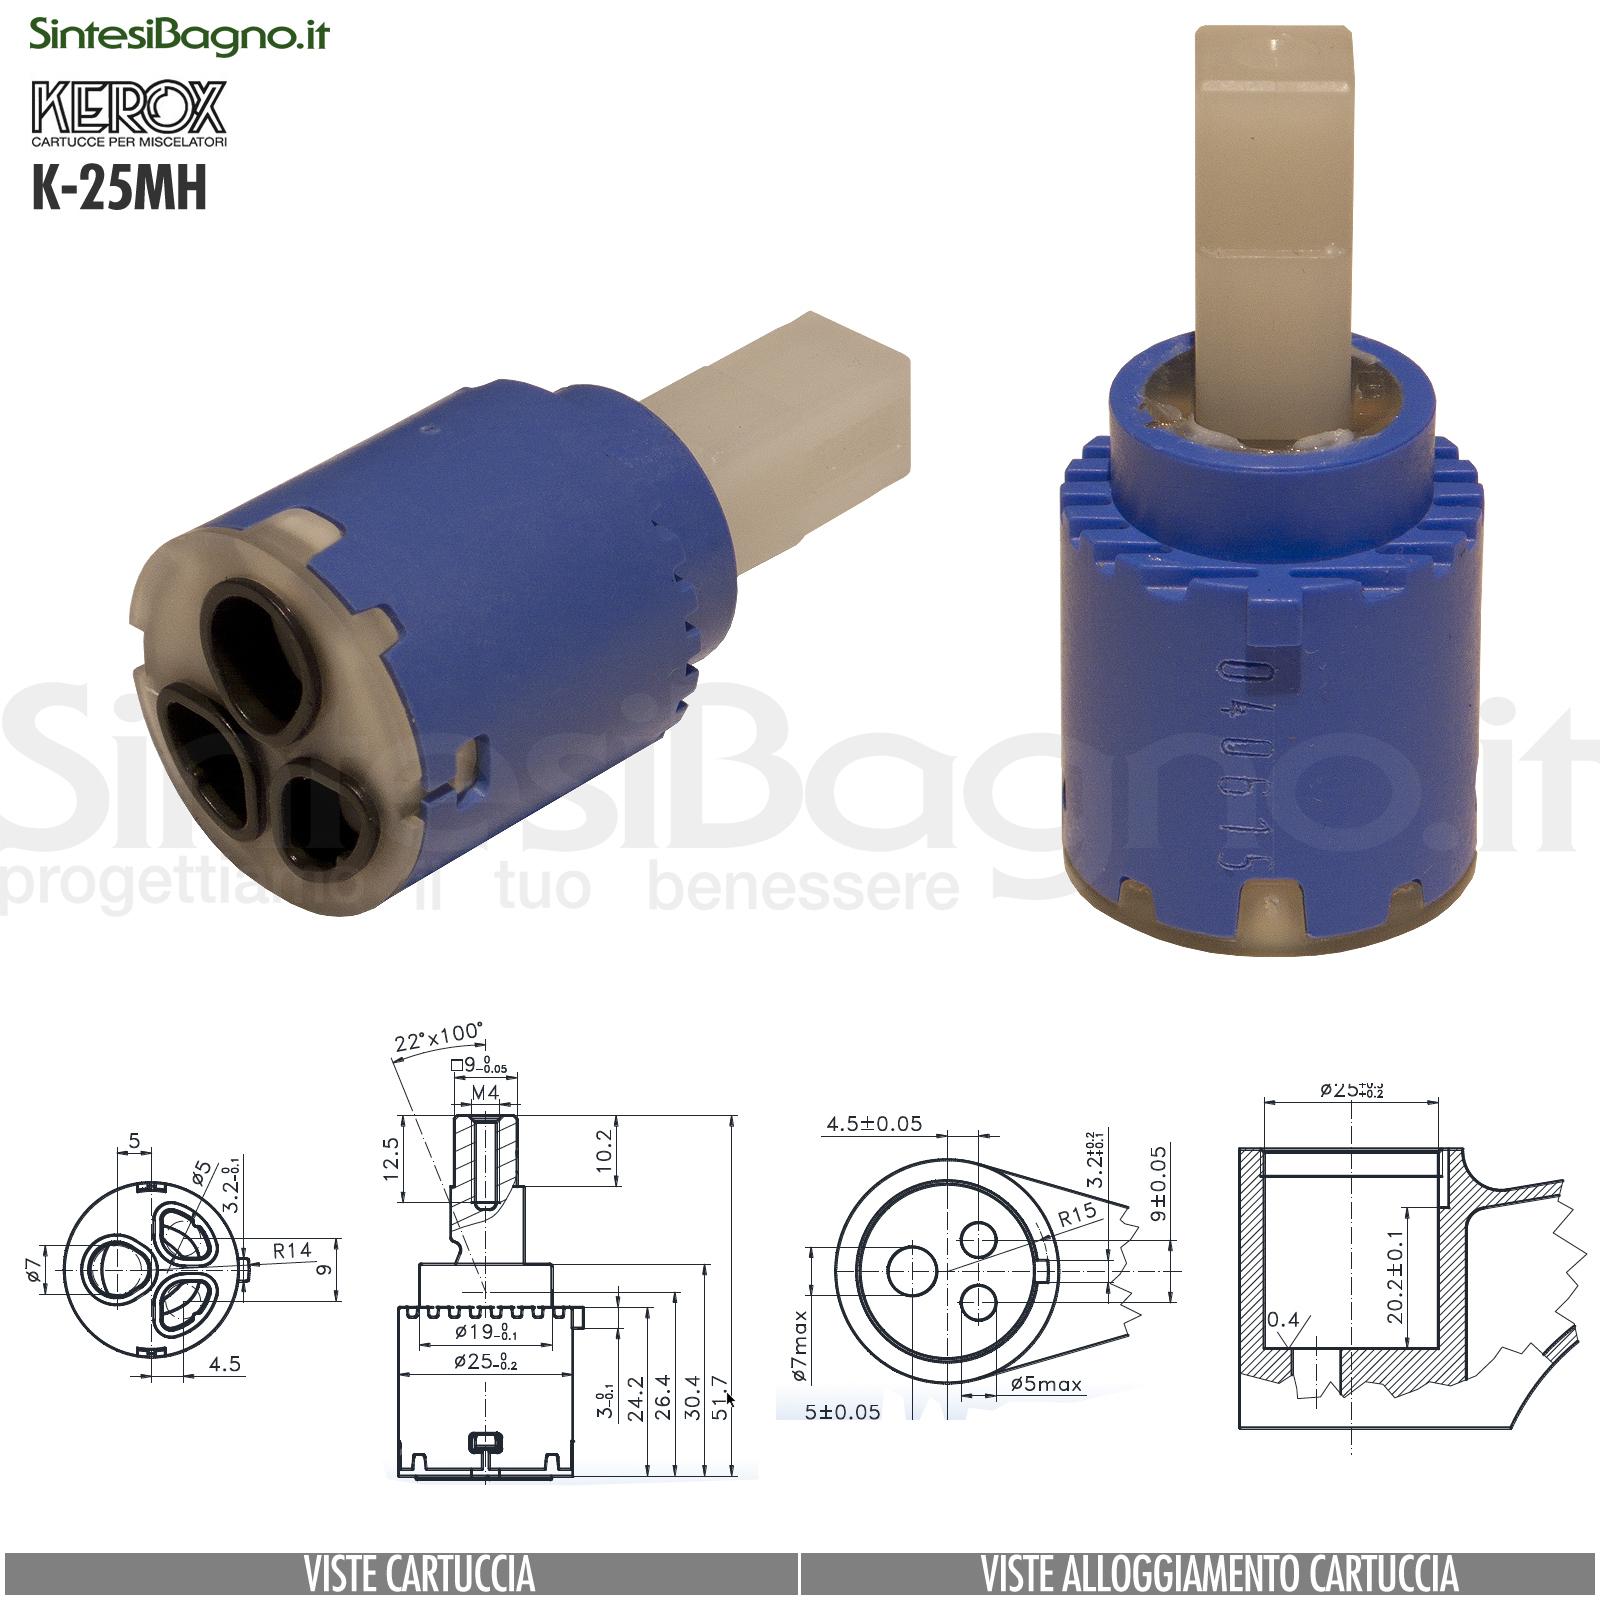 KEROX K 25 MH | Cartuccia KEROX K-25MH di ricambio per miscelatore monocomando Ø 25 mm